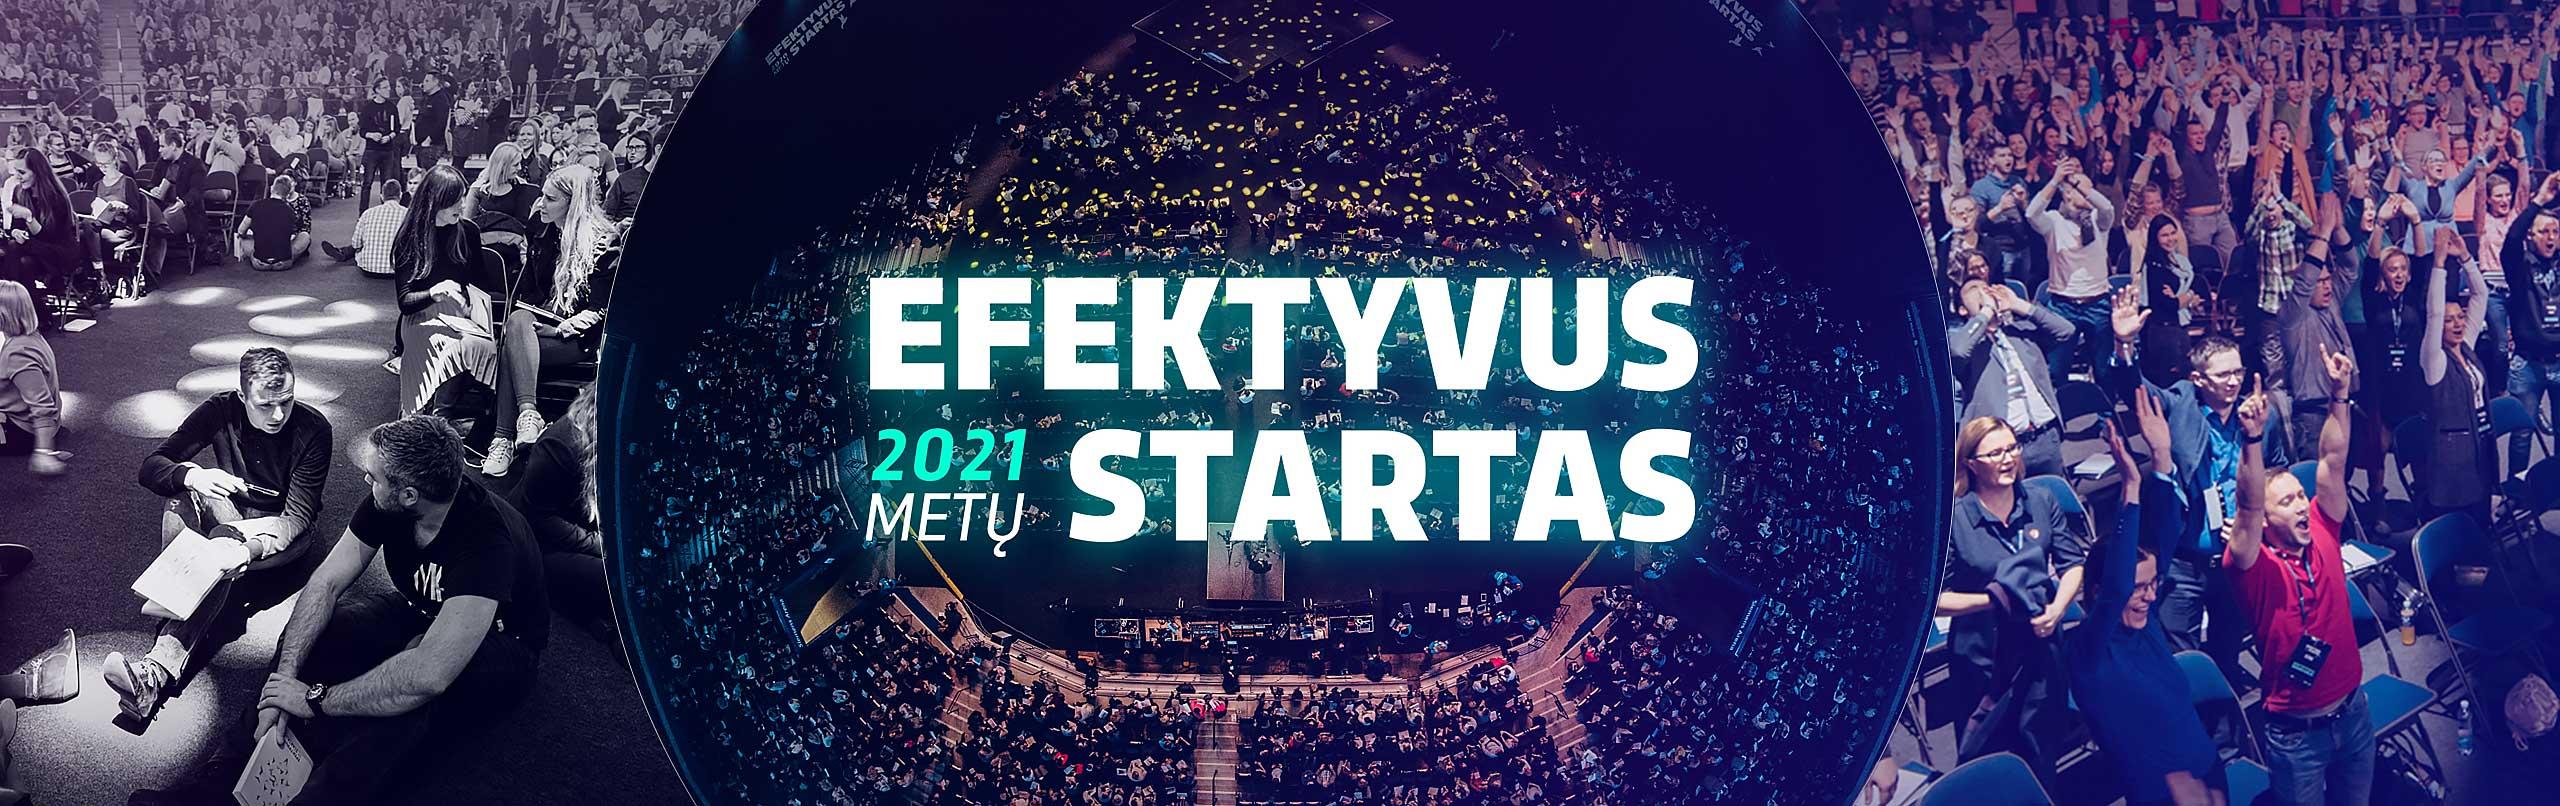 Efektyvus metų startas 2021